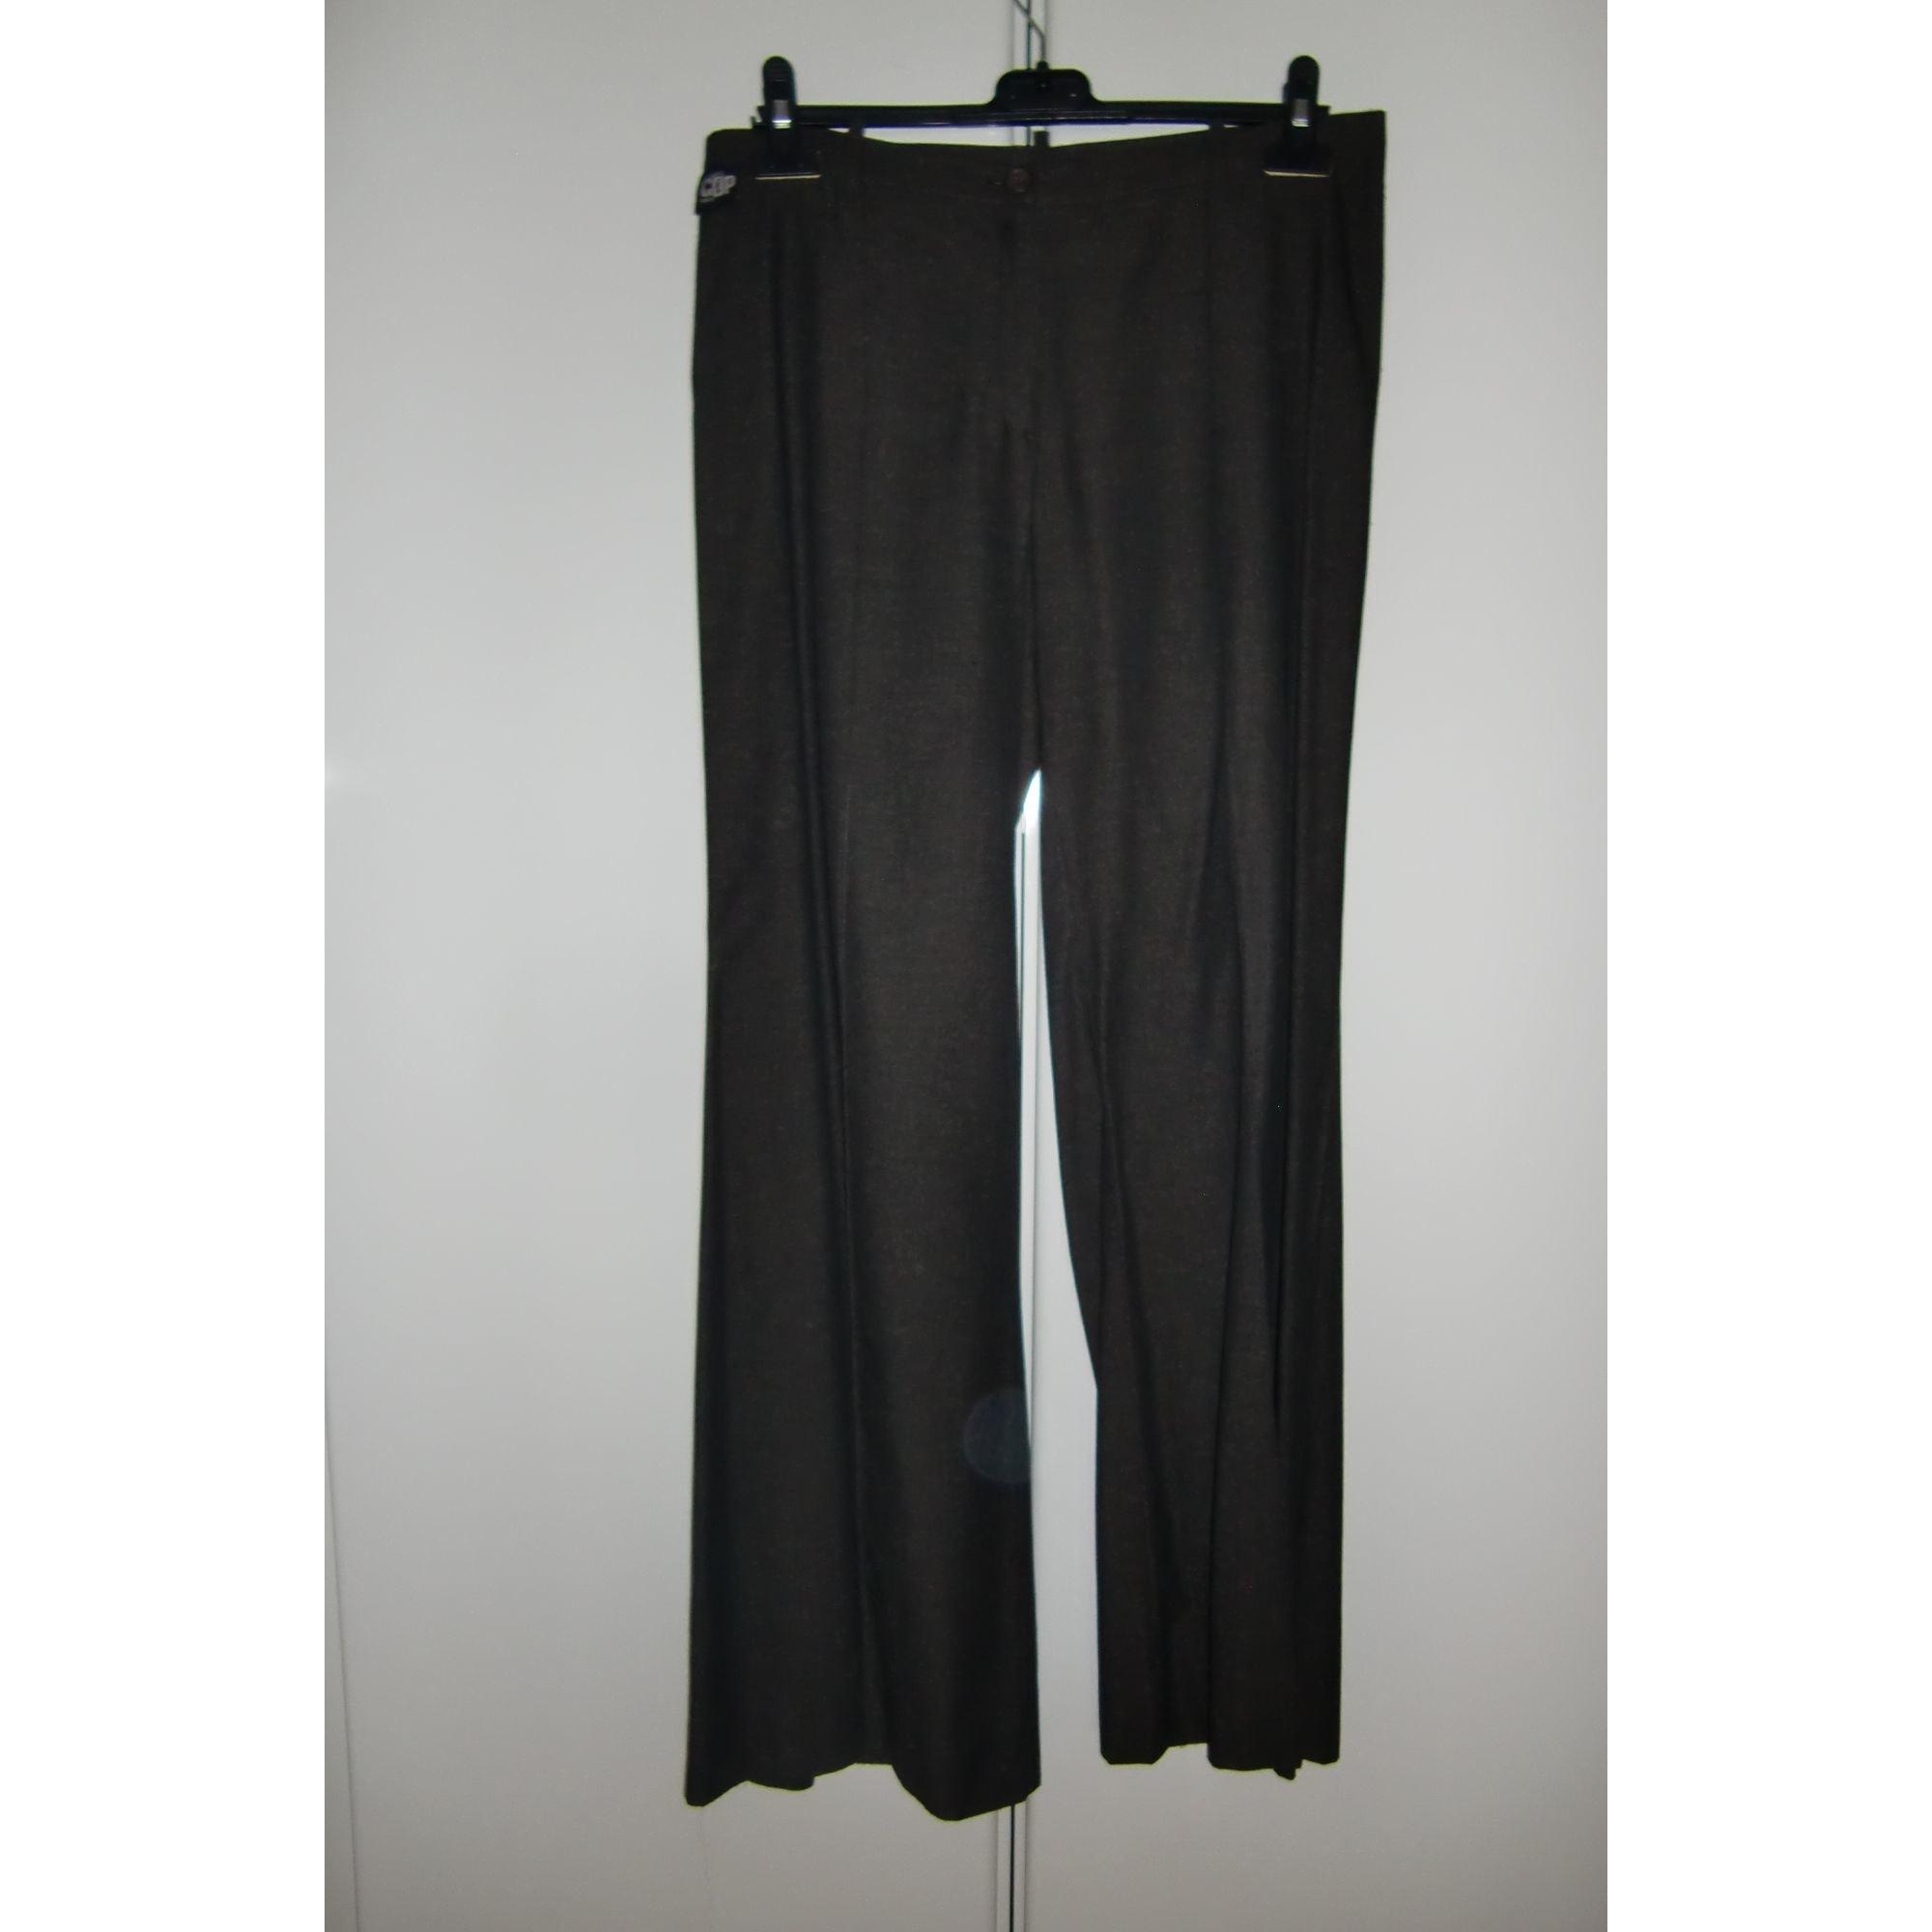 Pantalon large COP-COPINE Gris, anthracite